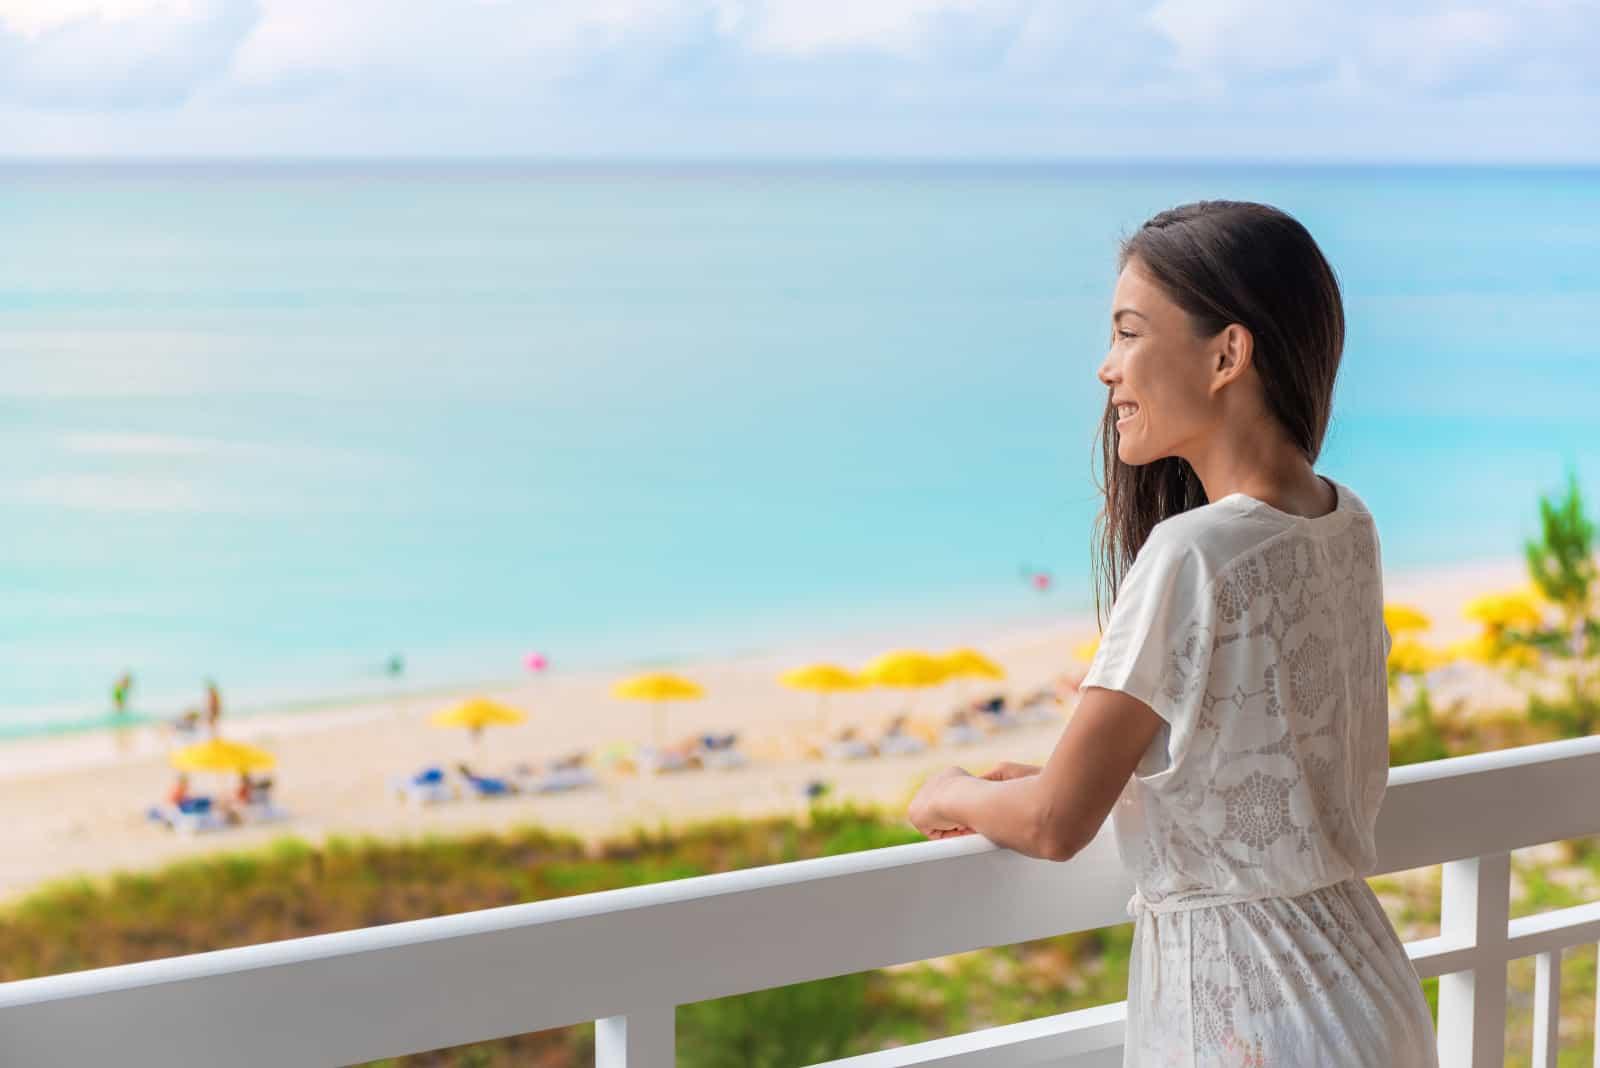 fille regardant la plage